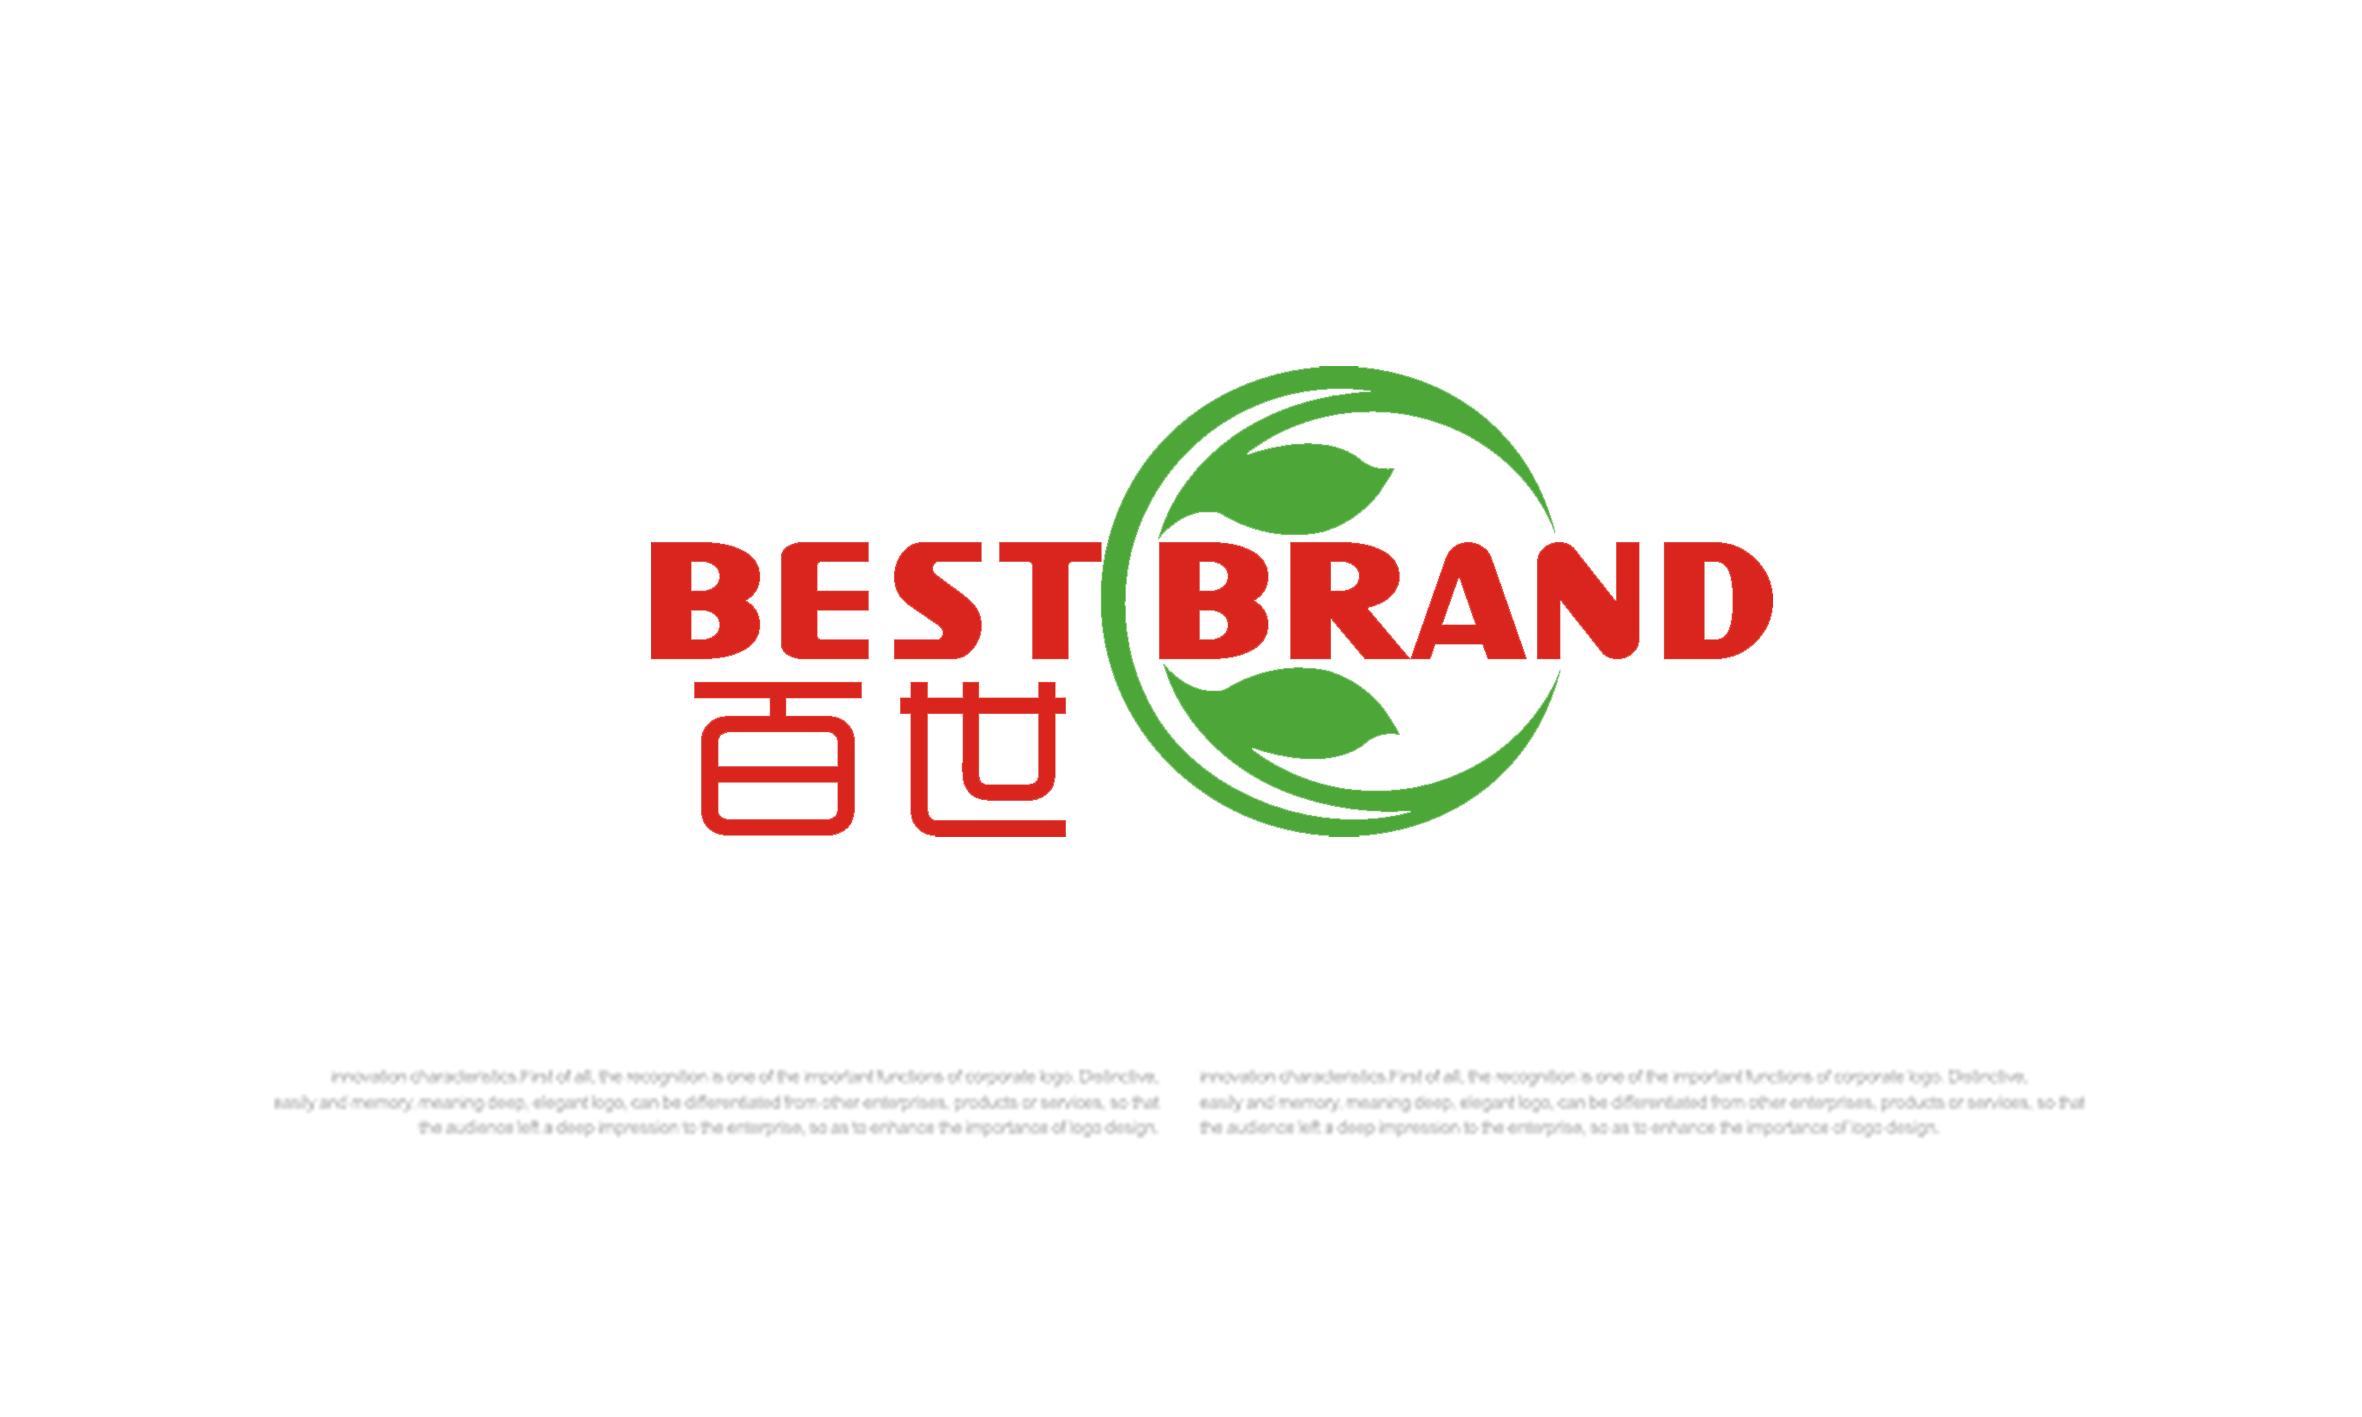 餐饮品牌管理公司LOGO设计